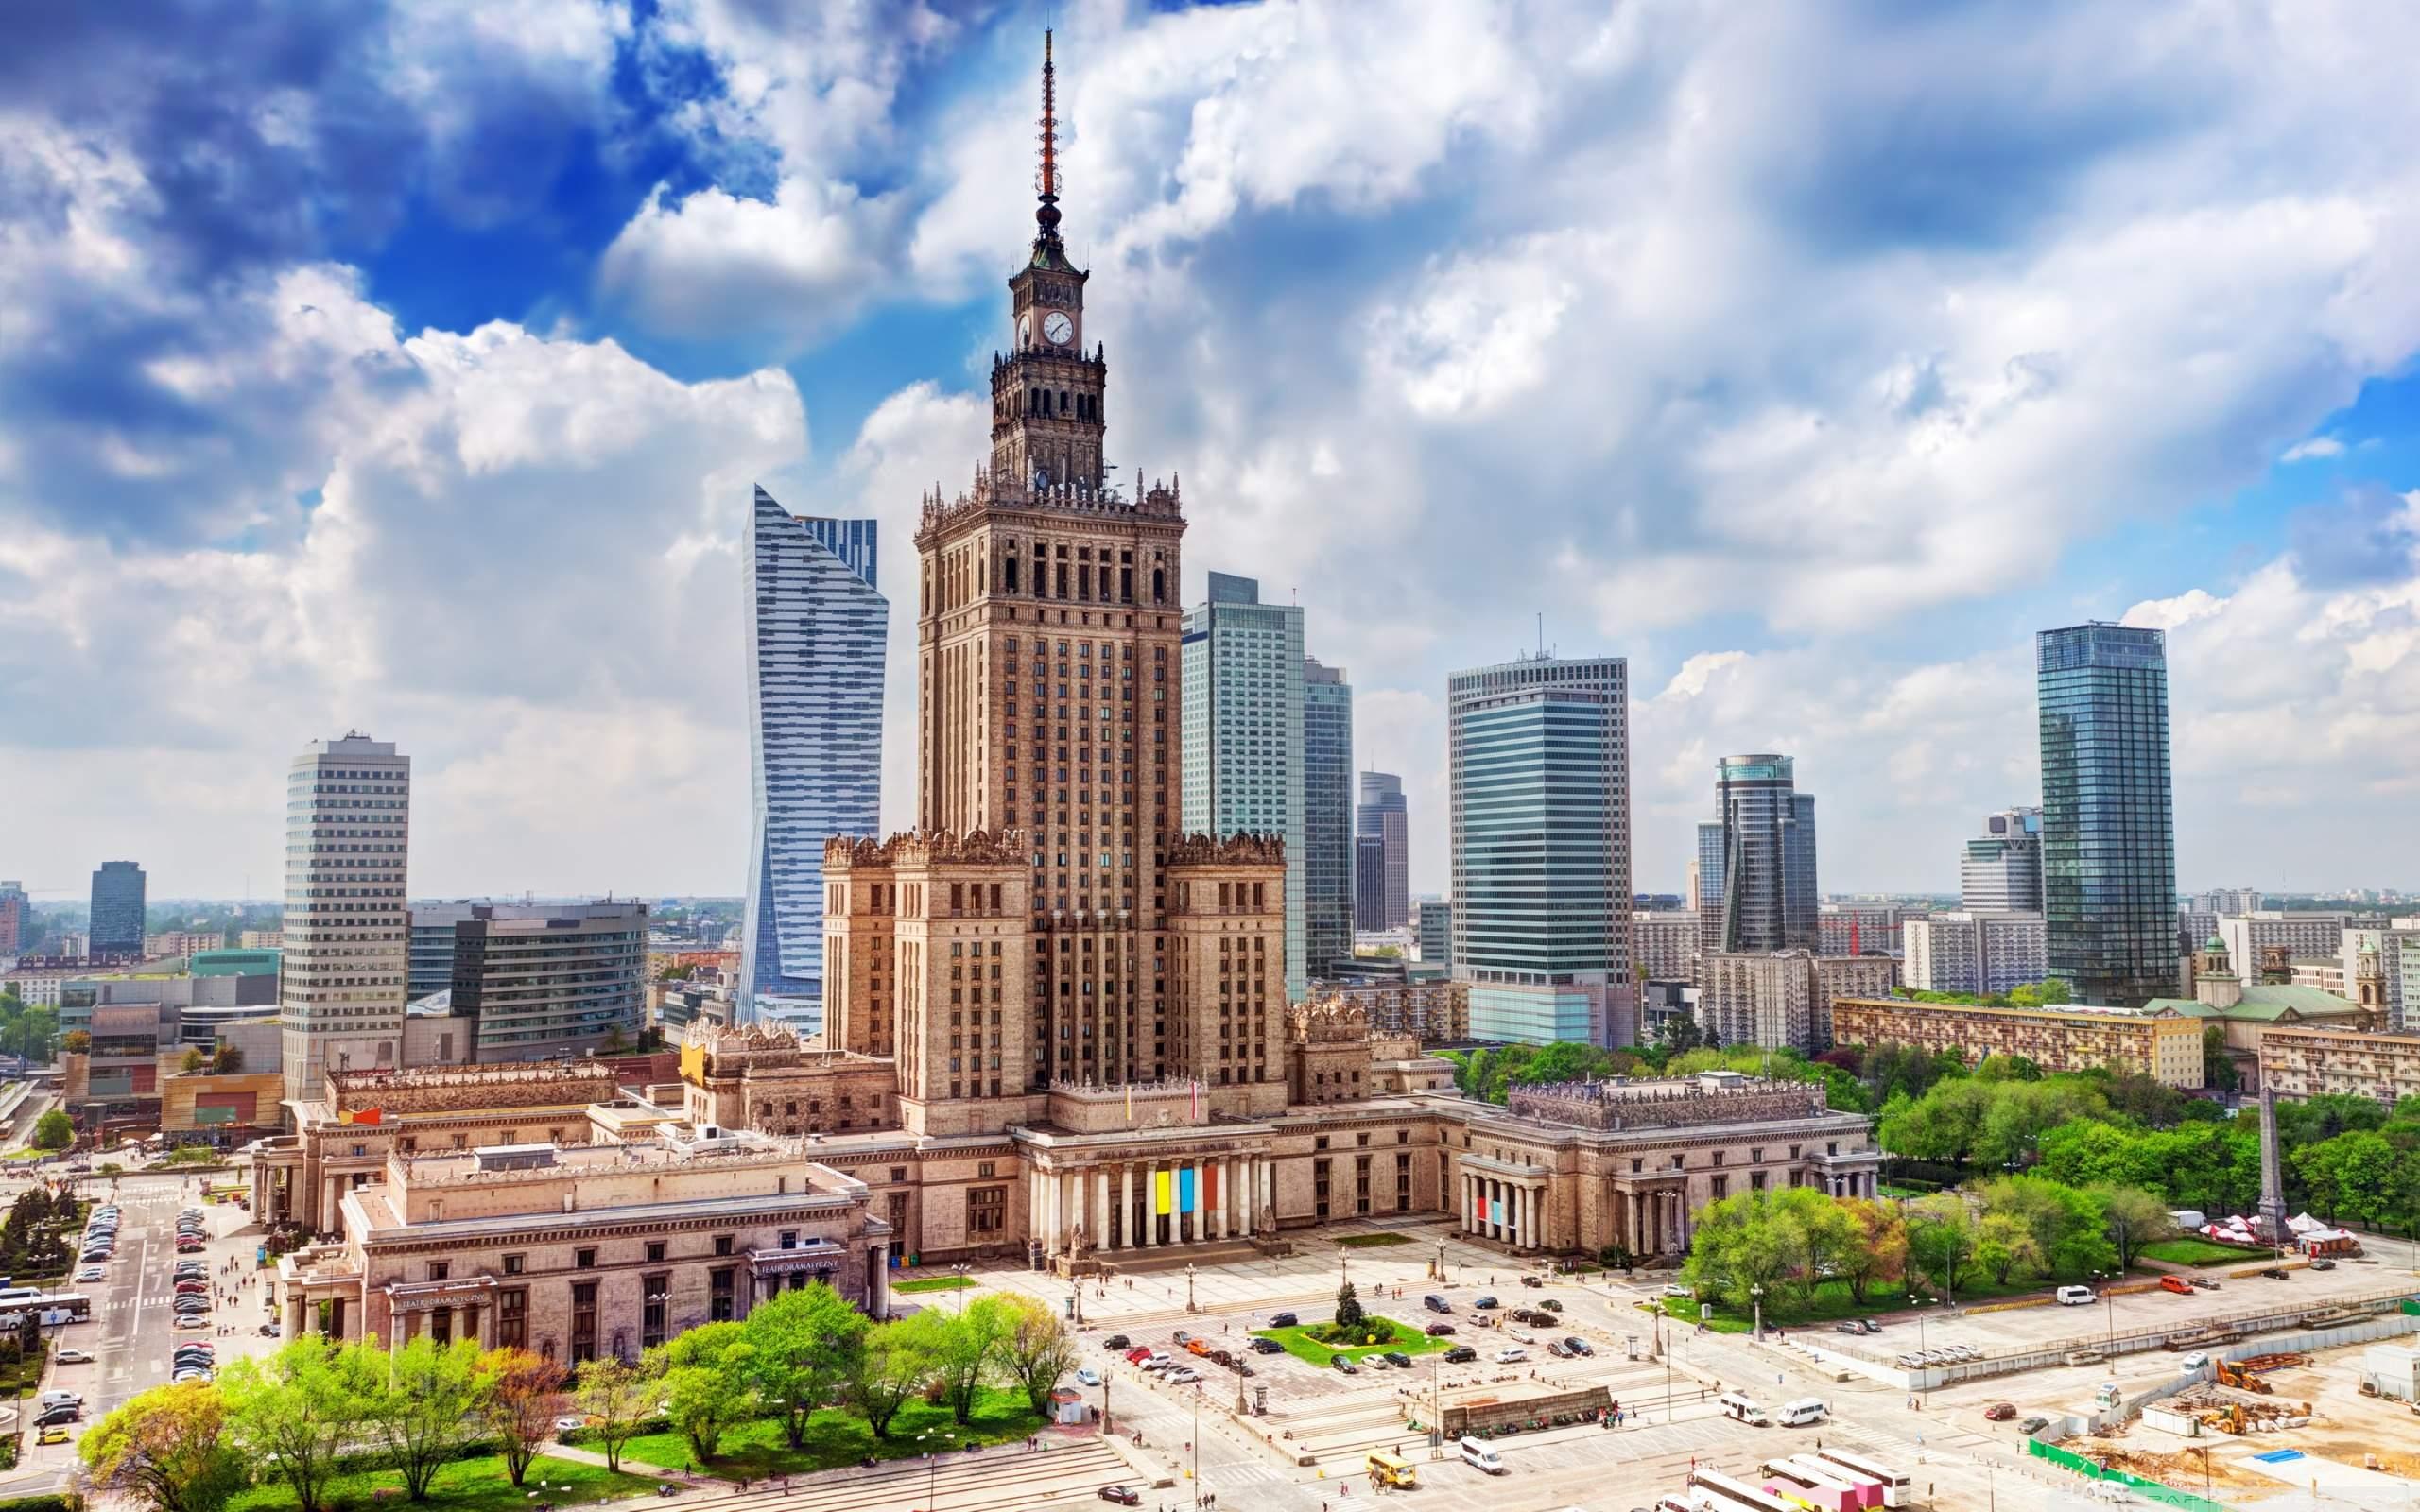 Польша, Варшава, Дворец культуры и науки